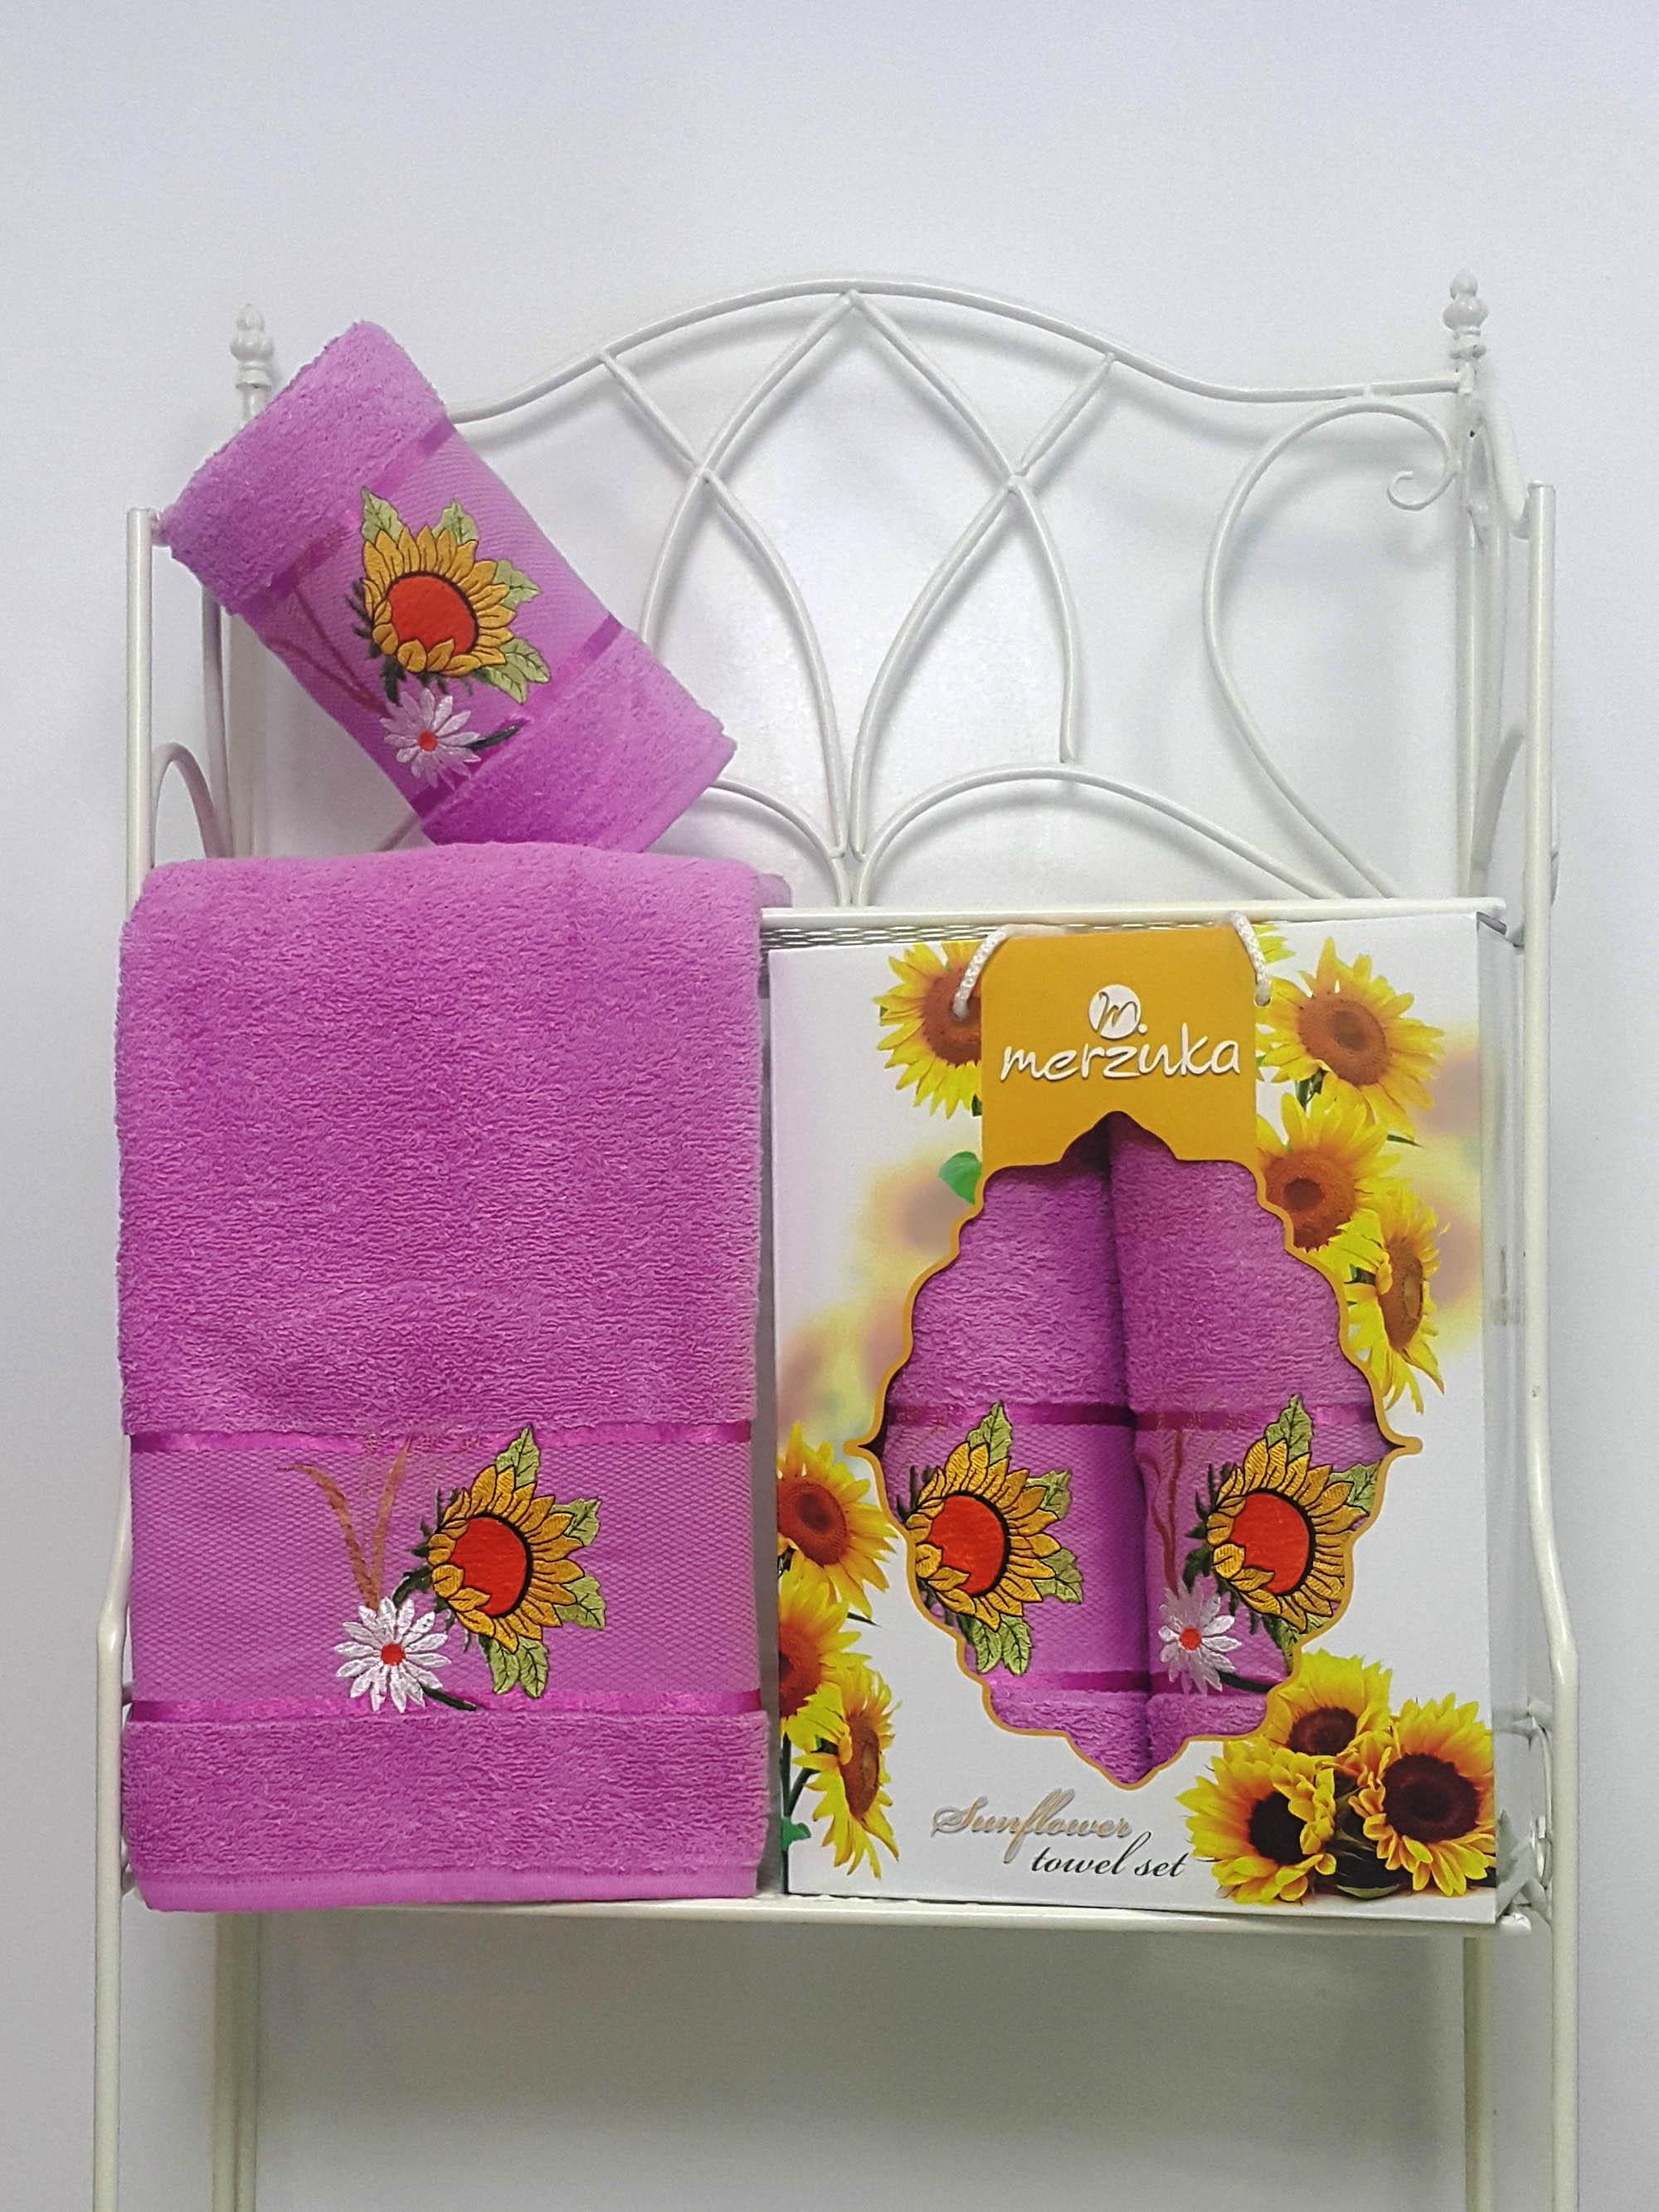 Полотенца Oran Merzuka Набор из 2 полотенец Sunflower Цвет: Светло-Лиловый